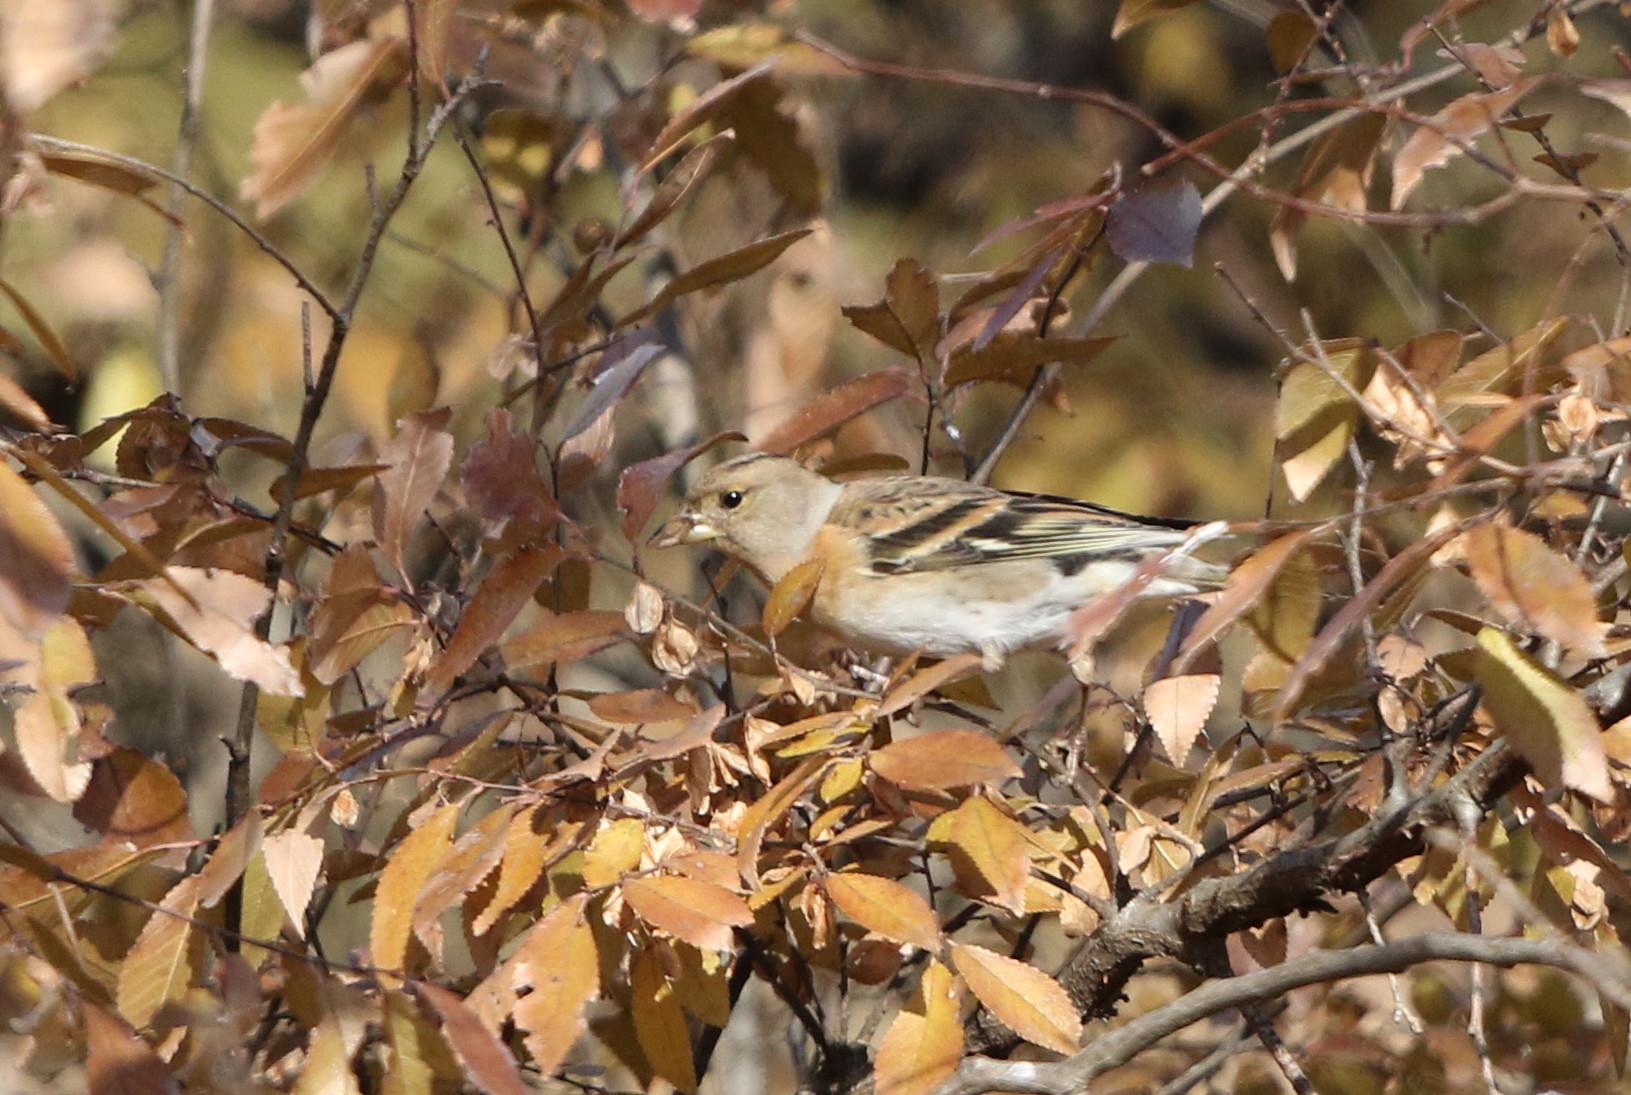 冬鳥を探しに出かけアトリに逢う(渡良瀬遊水地内にて)_f0239515_17311038.jpg